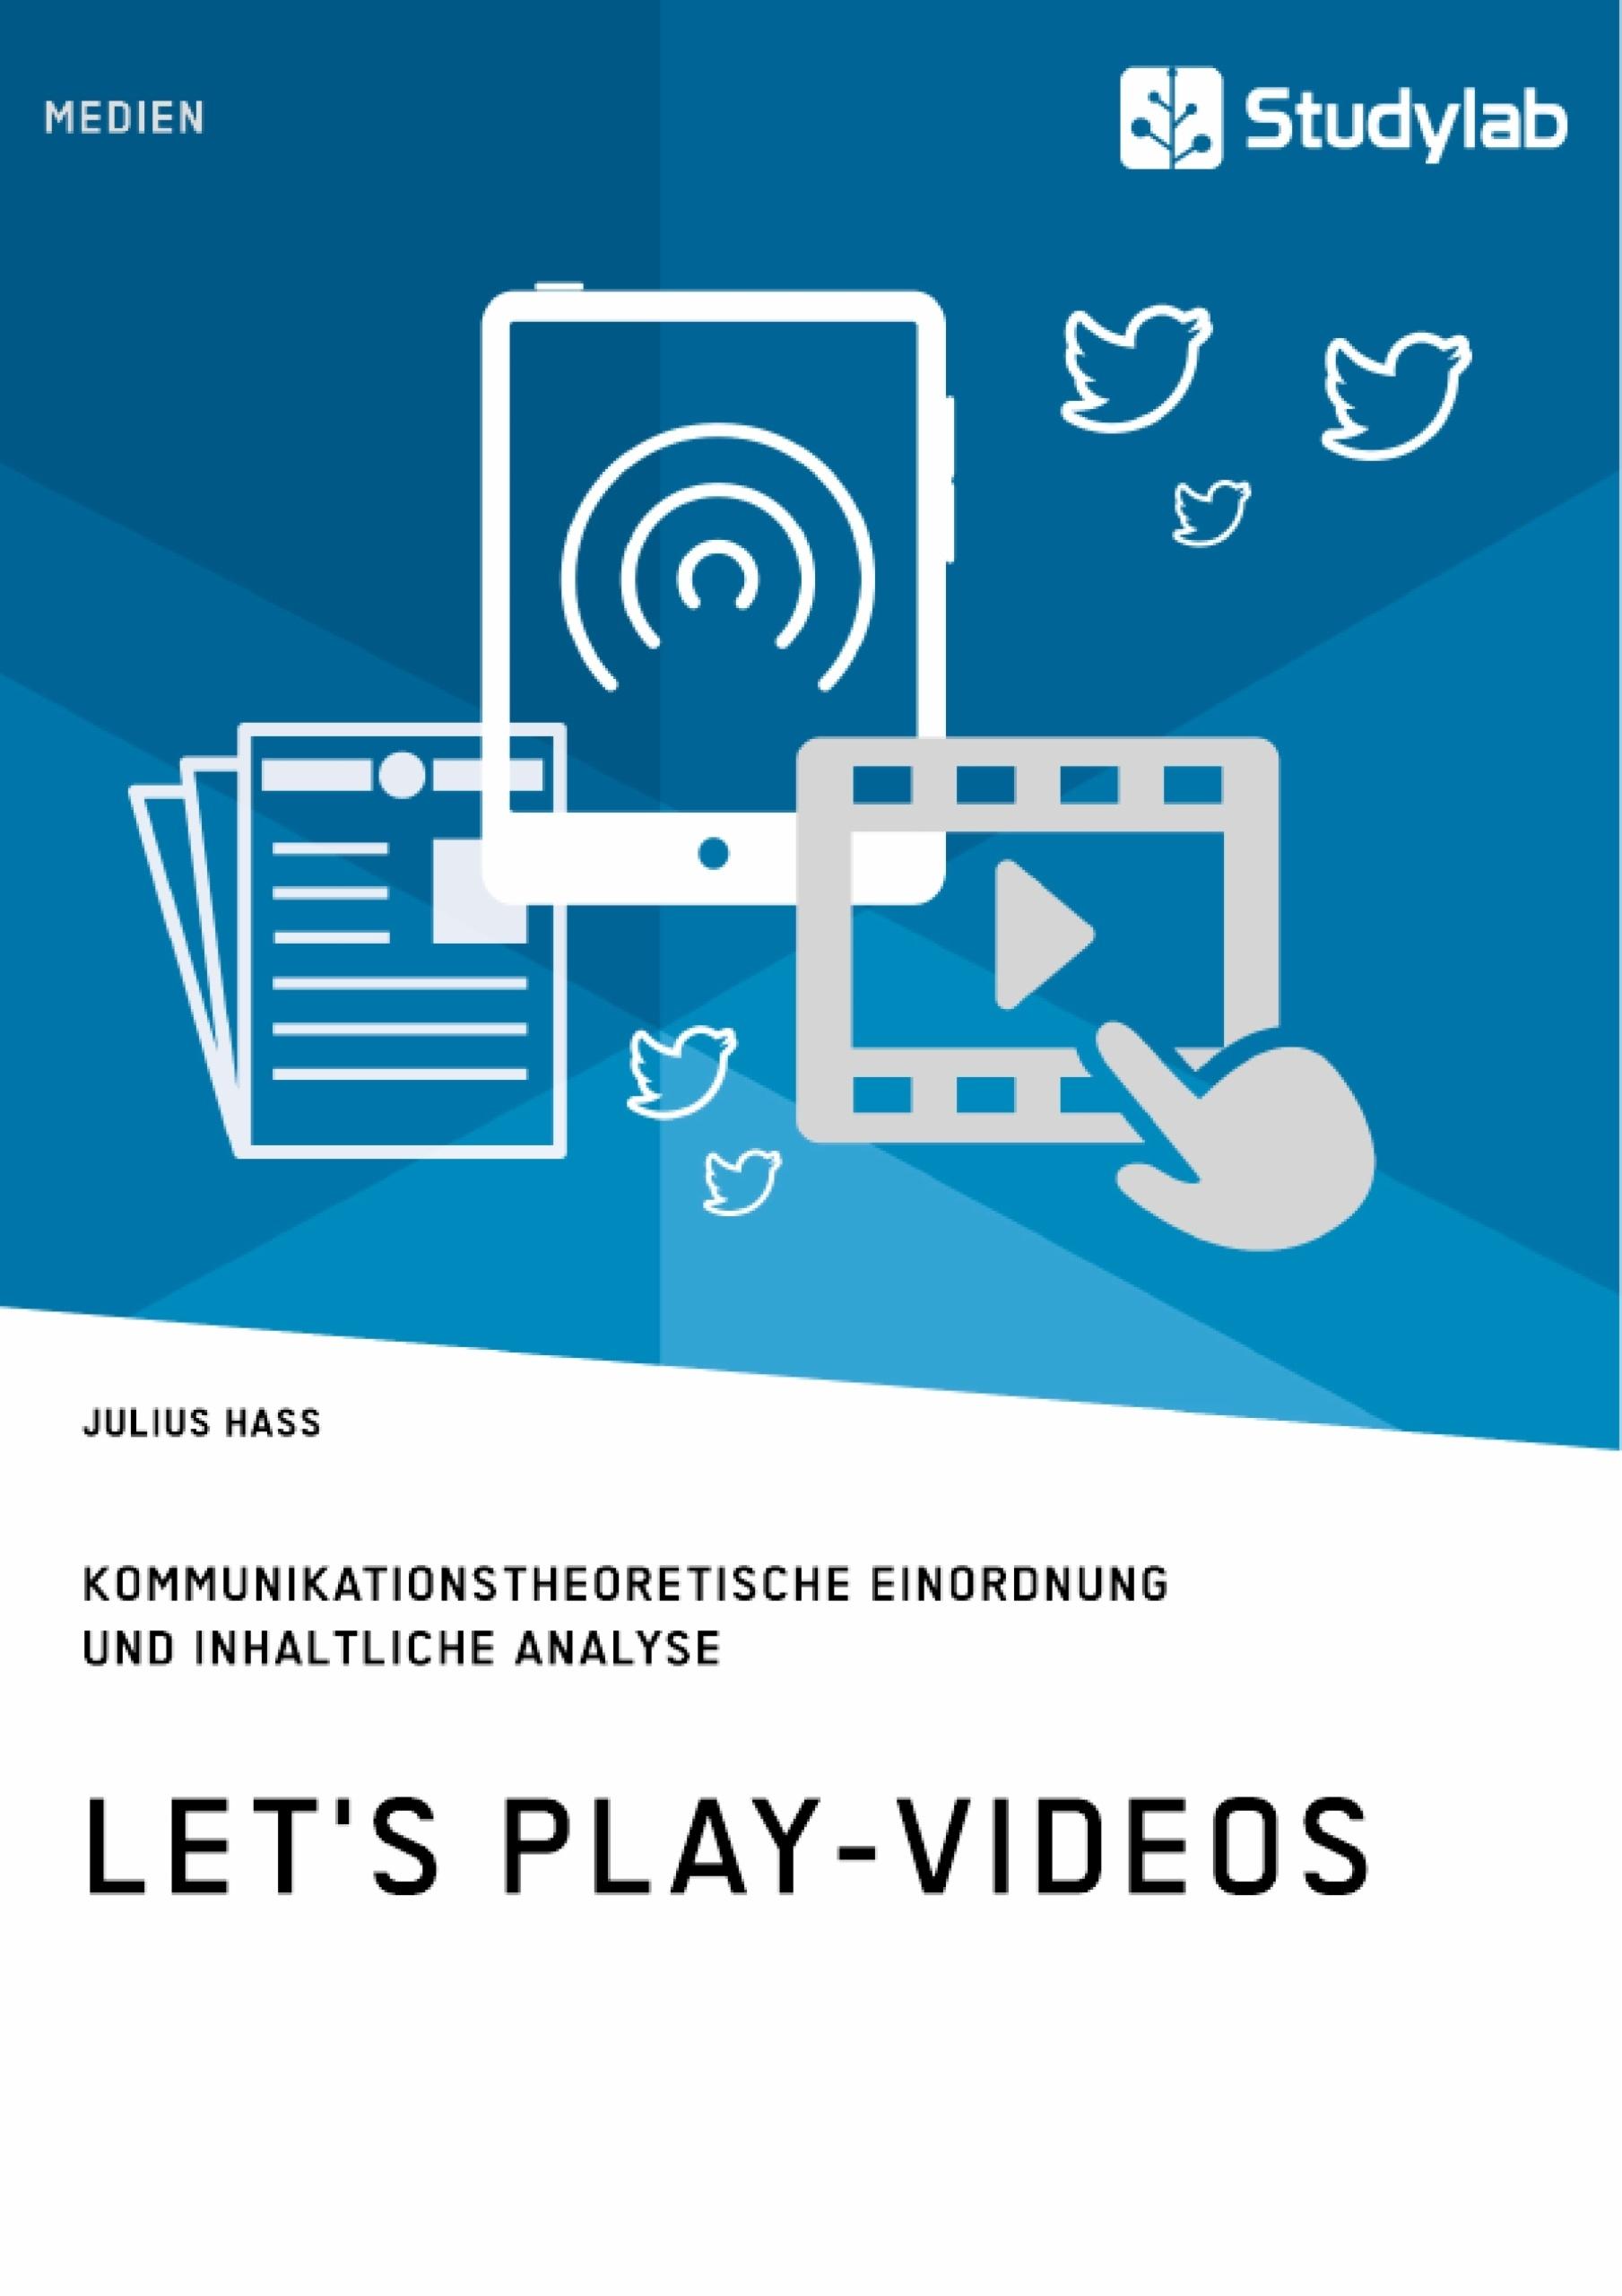 Titel: Let's Play-Videos. Kommunikationstheoretische Einordnung und inhaltliche Analyse